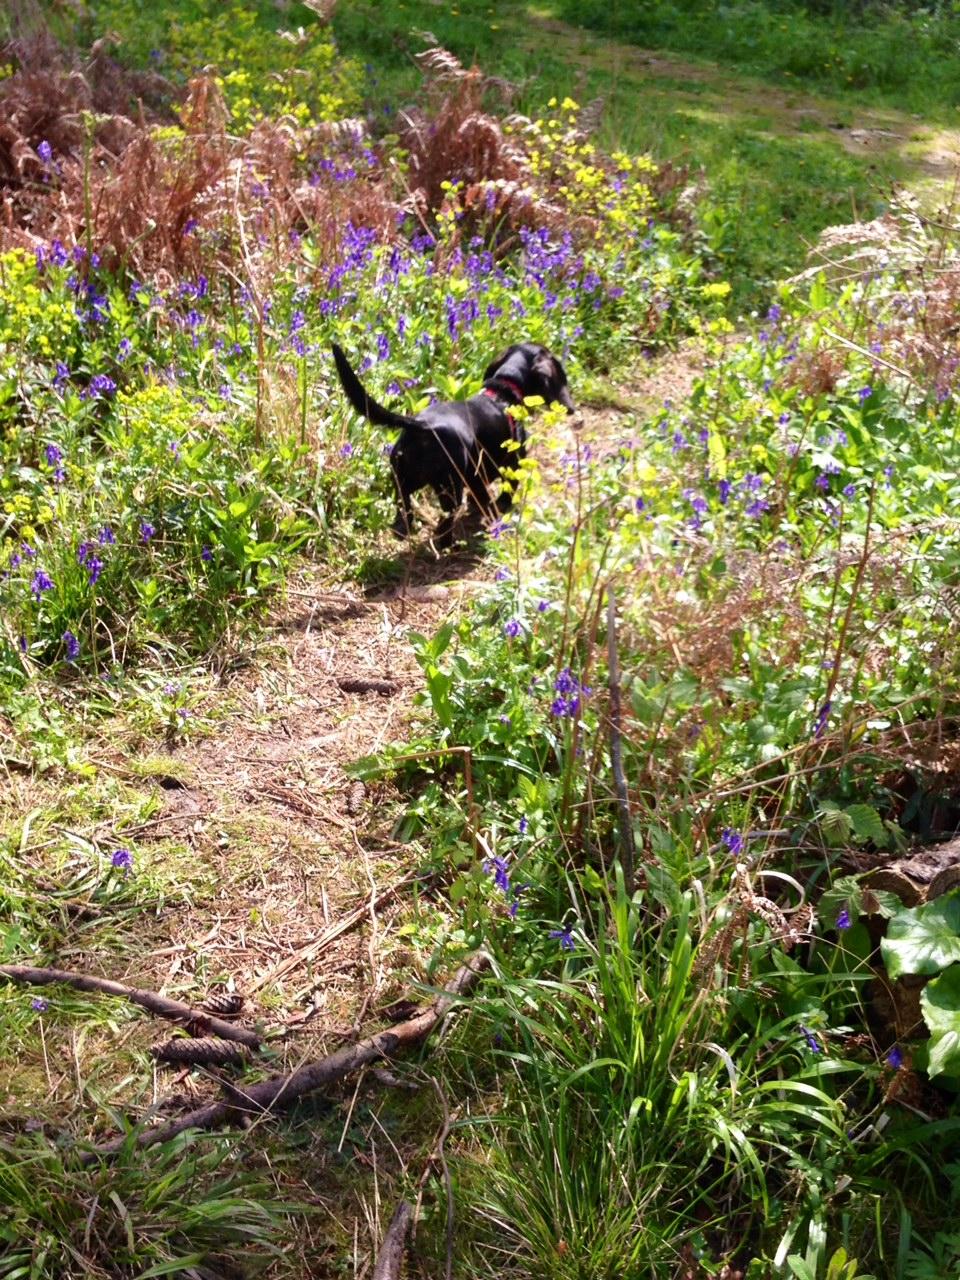 Poppy on the run